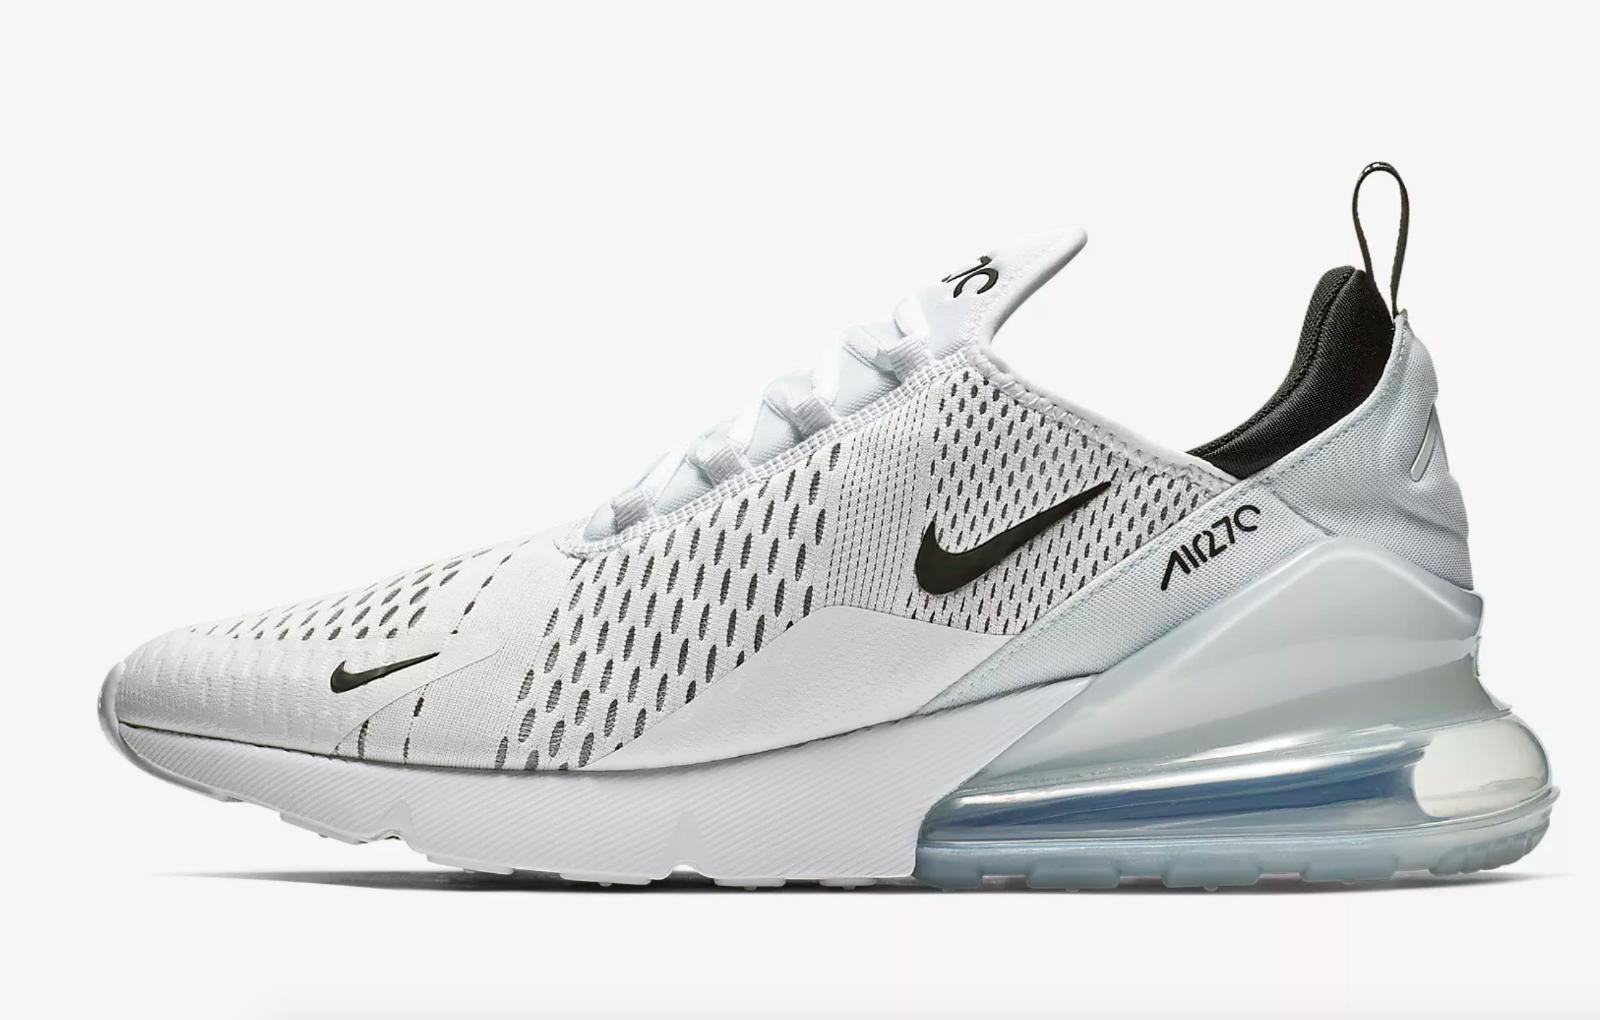 Nike AIR MAX 270  BIANCO Bianco Nero  Uomo Scarpe da ginnastica LIMITED STOCK Tutte le Taglie